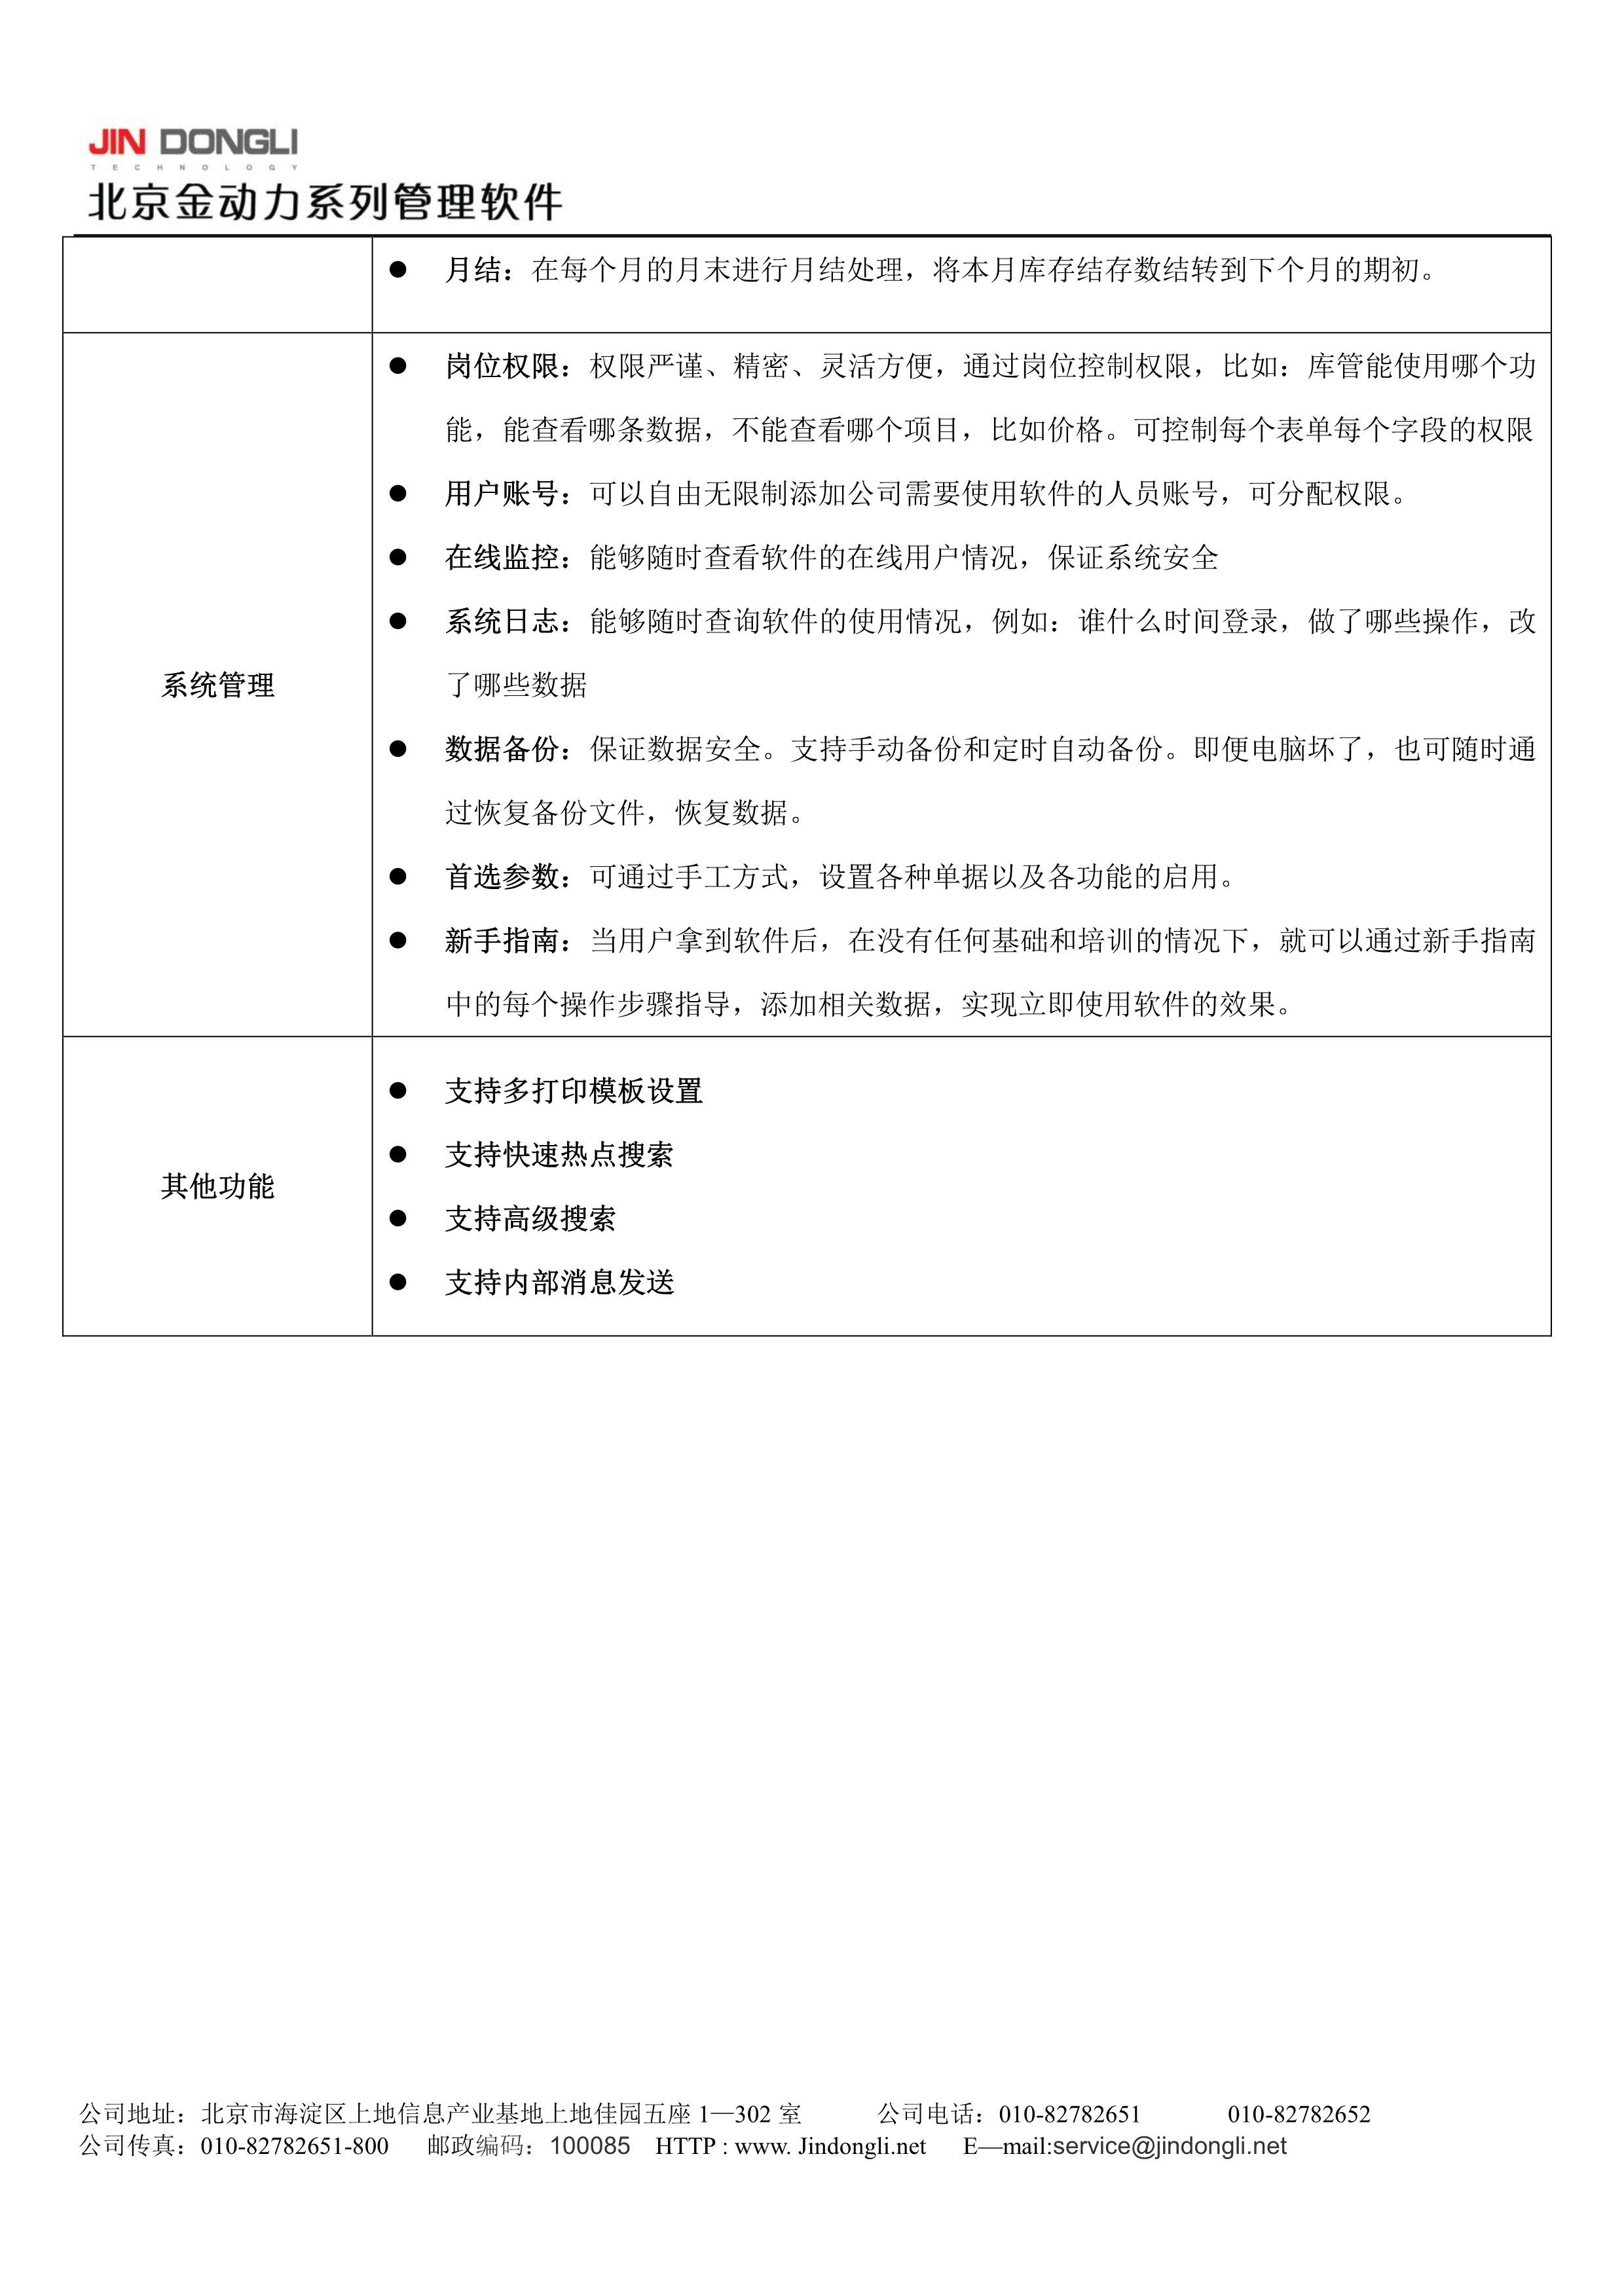 012508375695_0金动力库存管理软件产品介绍标准版_3.jpg